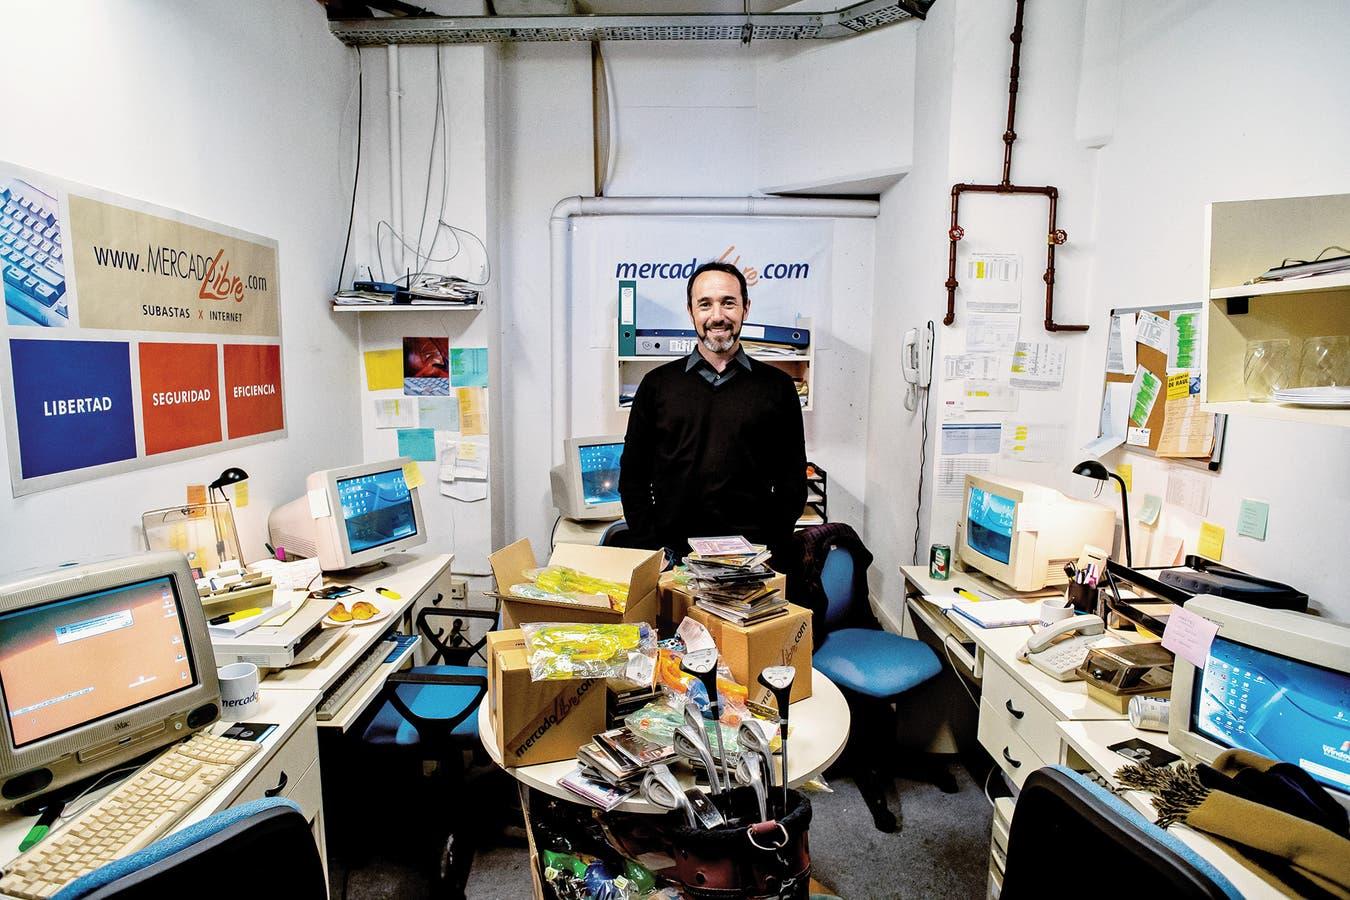 Marcos Galperín, el creador de la compañía, en el garaje donde empezó todo, hoy ambientado como museo